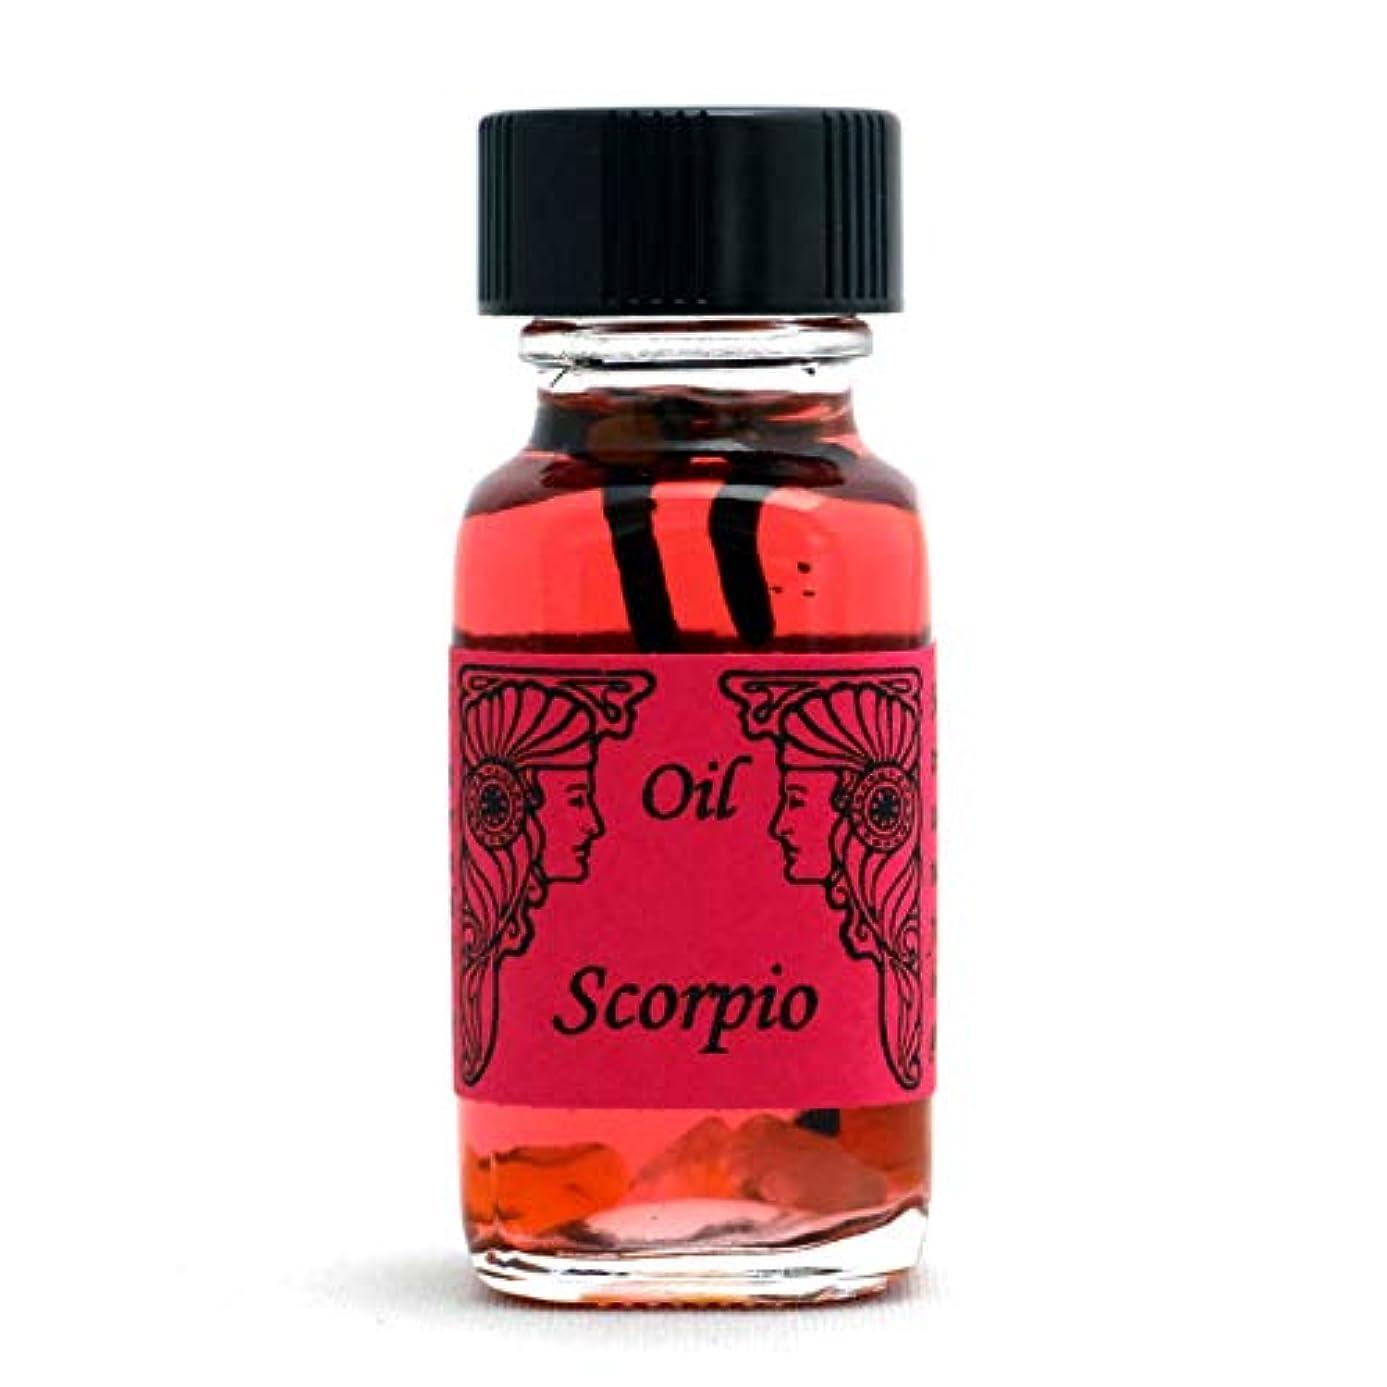 干ばつアスリート残るアンシェントメモリーオイル 12星座オイル(占星術オイル)Scorpio 蠍座 10月23日~11月21日